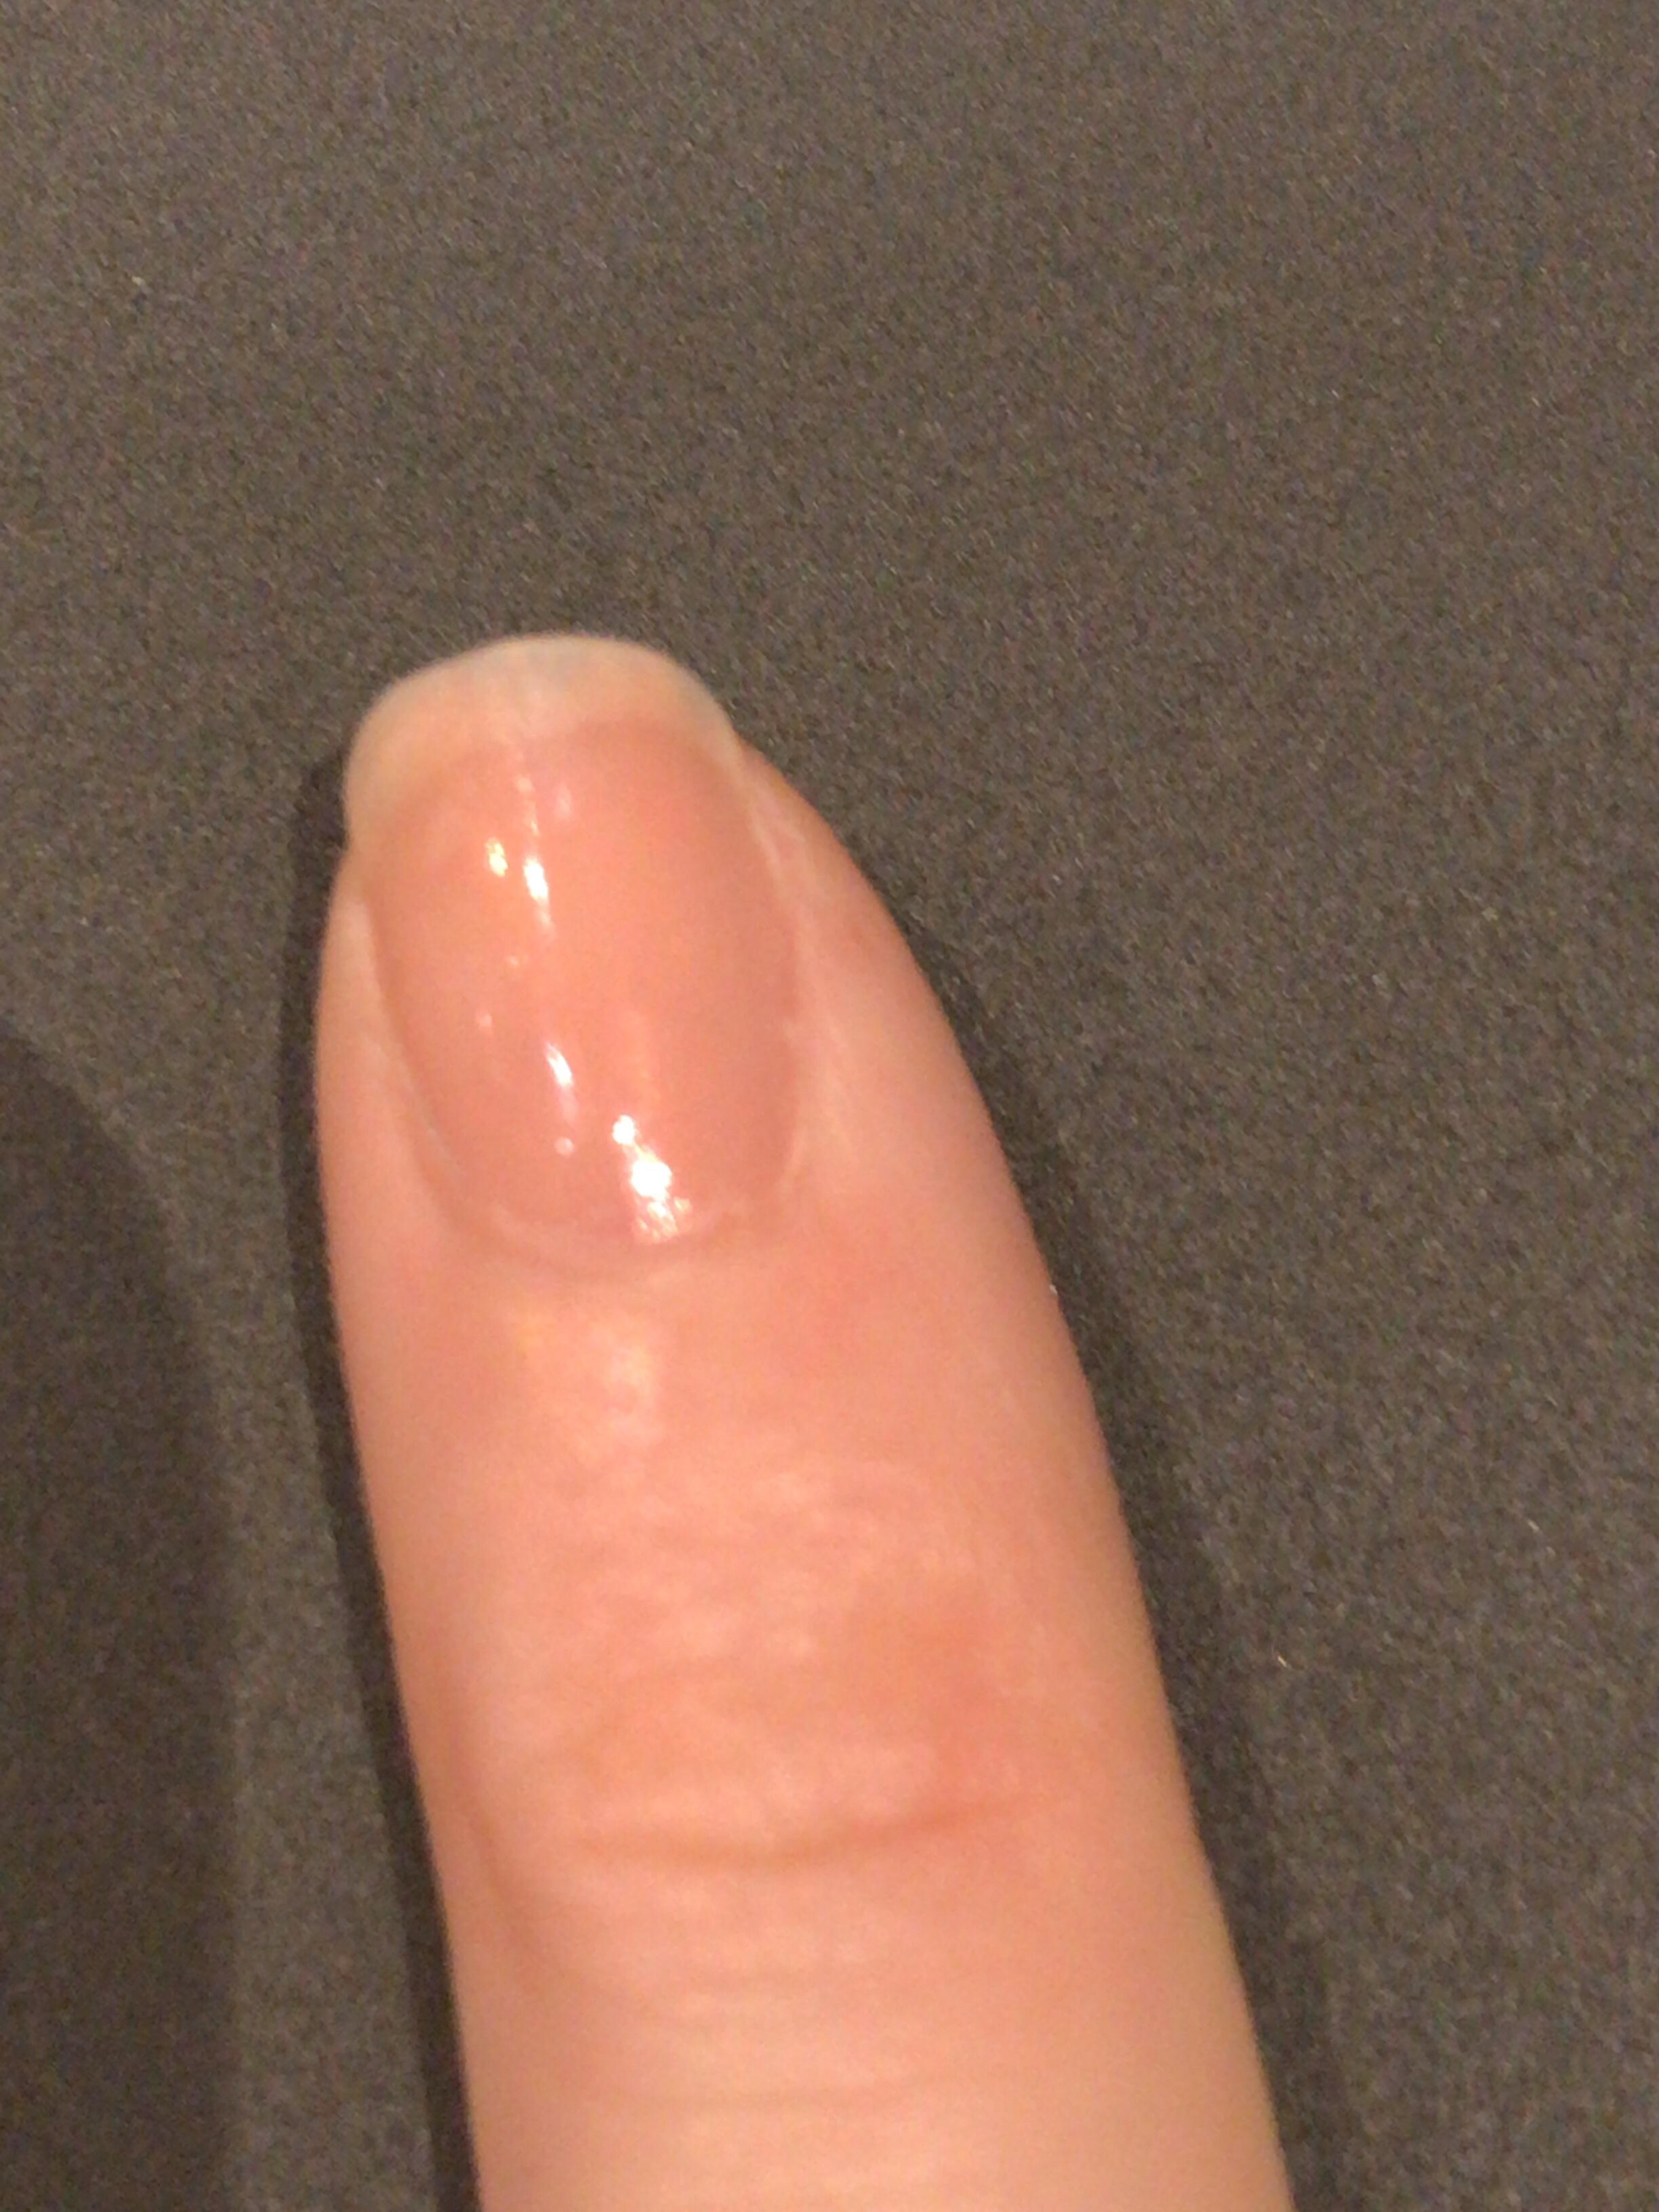 ちなみに、小指だけは当初から少し整えるだけでザ・スクエアオフ。小指を参考に他の指も整えていきます。という写真